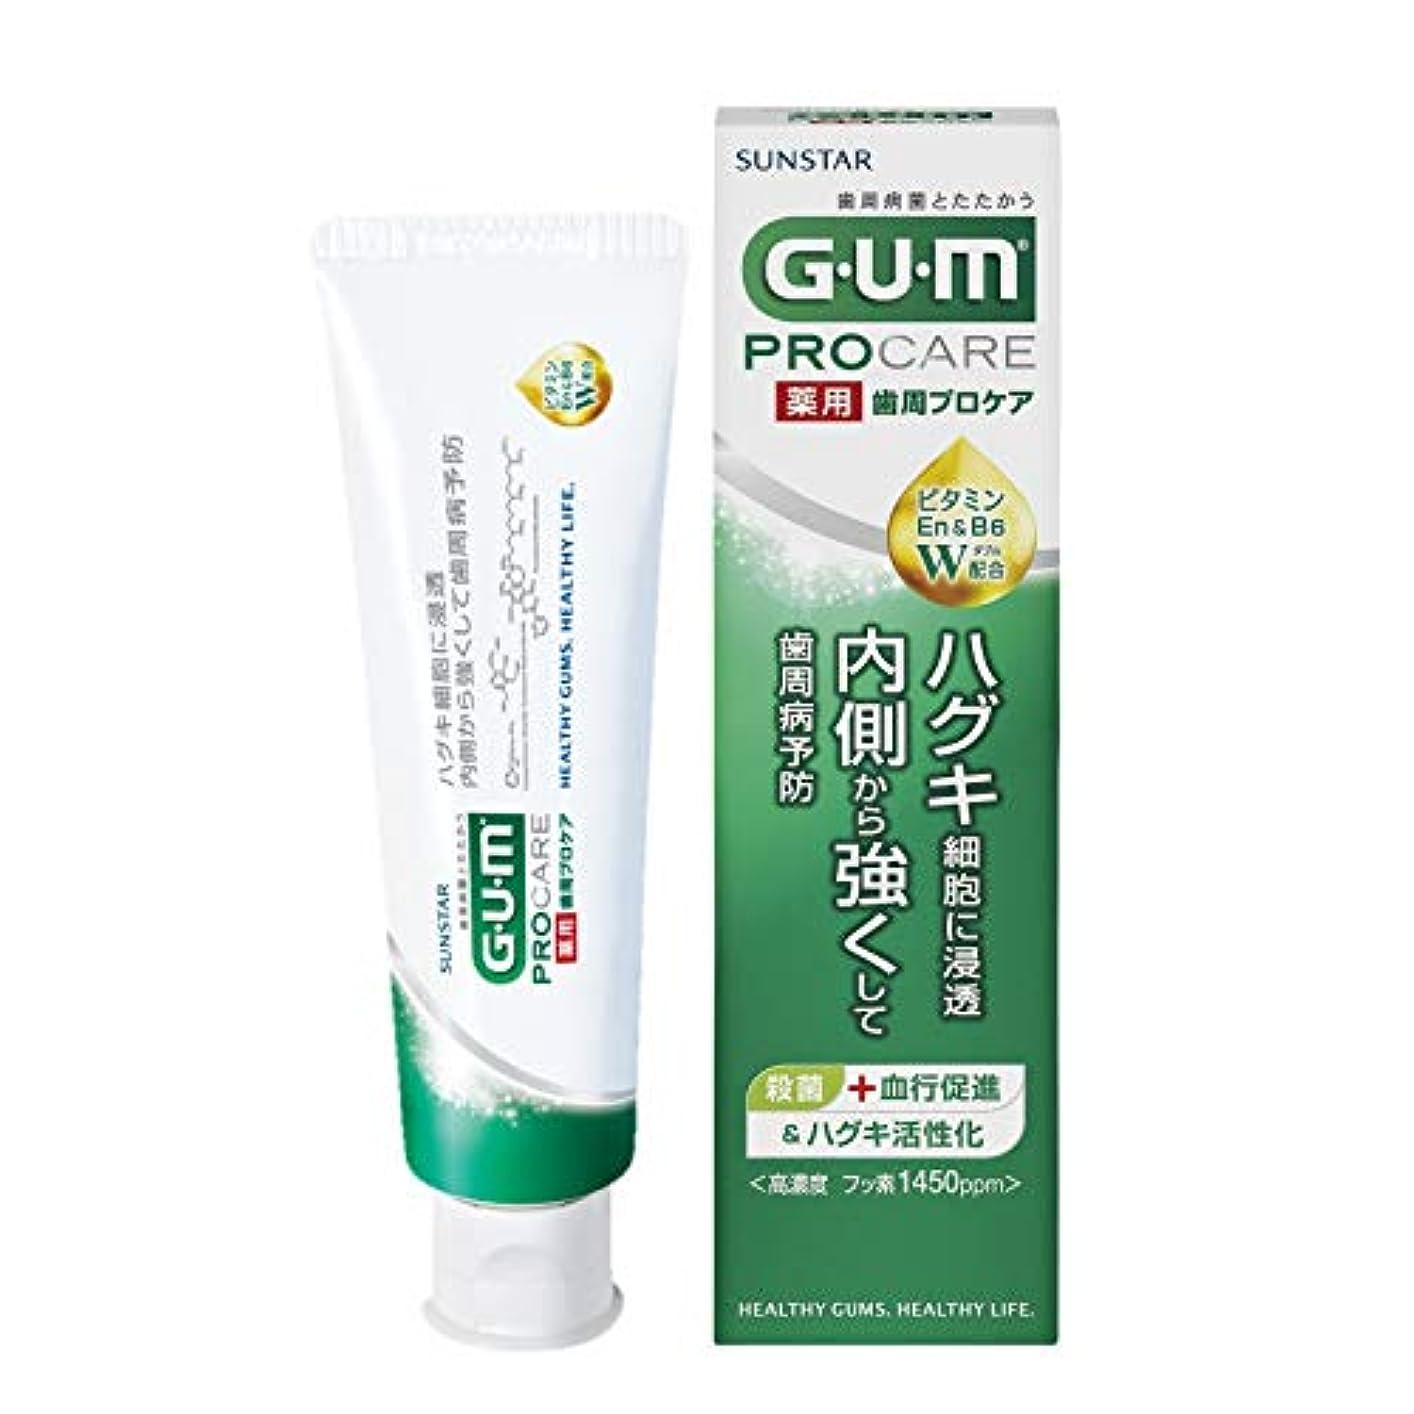 ダメージ急ぐくしゃみ[医薬部外品] GUM(ガム) 歯周プロケア 歯みがき 90g <歯周病予防 ハグキケア 高濃度フッ素配合 1,450ppm>